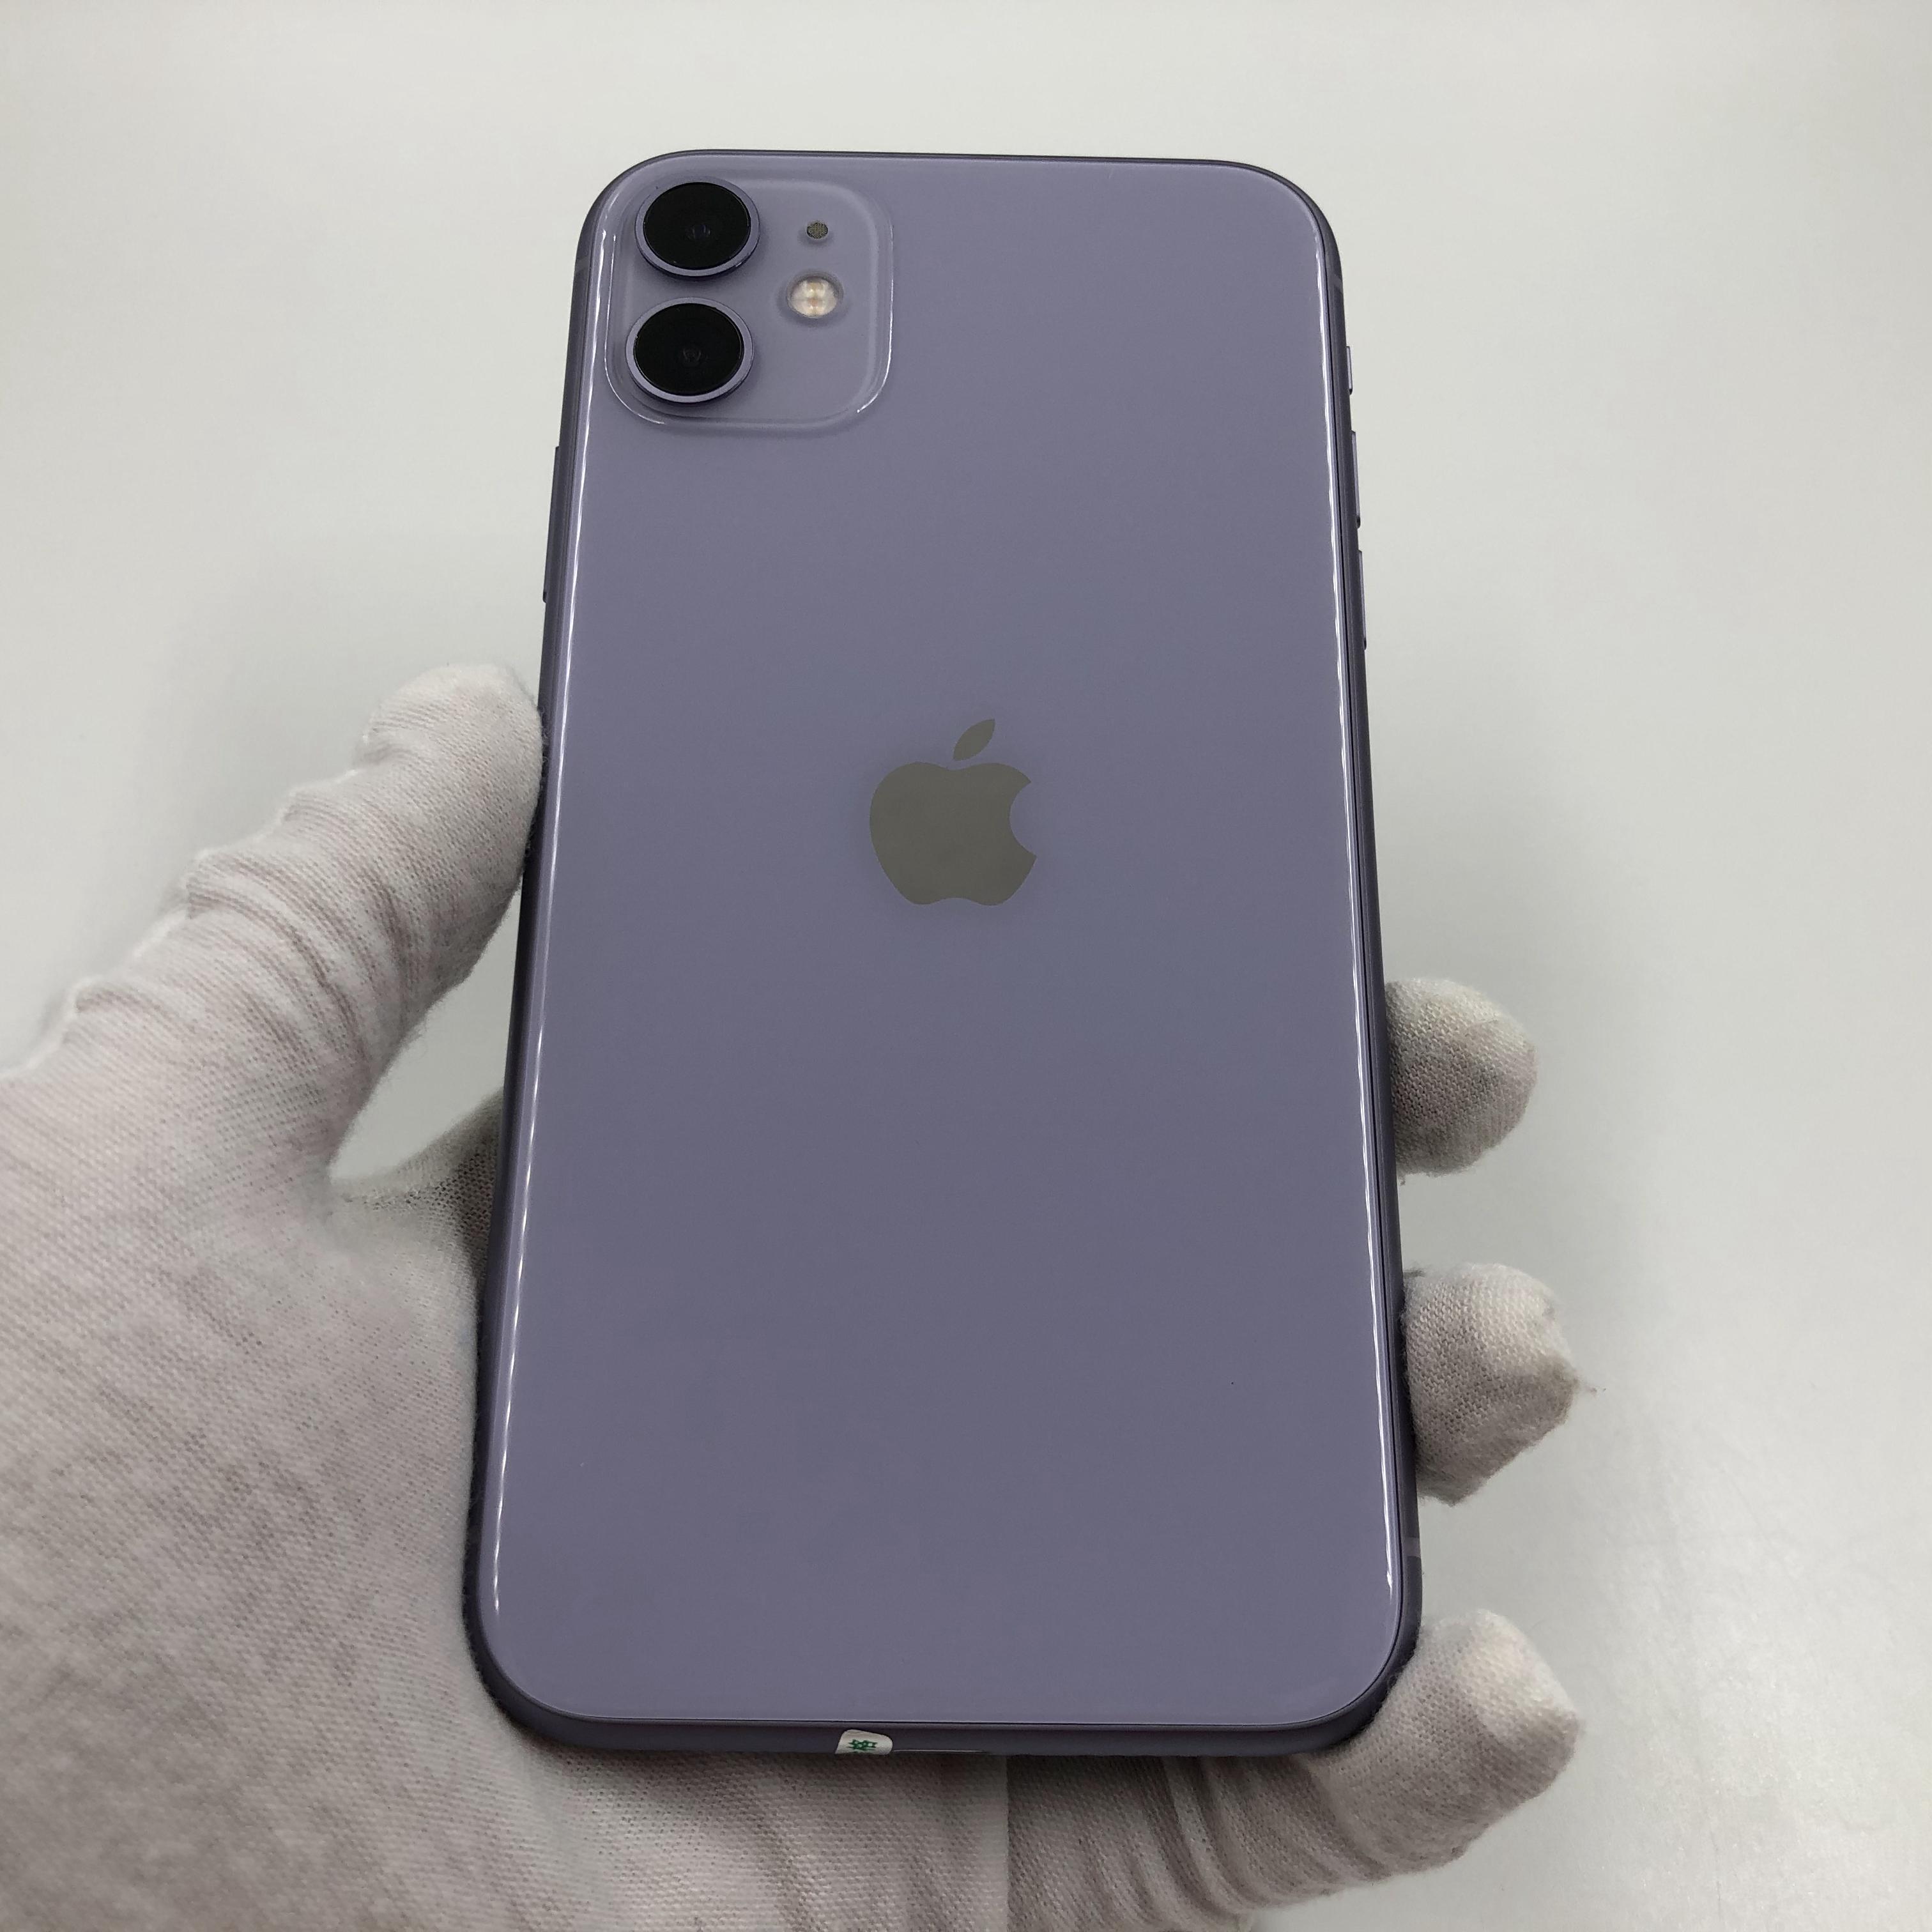 苹果【iPhone 11】4G全网通 紫色 128G 国行 8成新 真机实拍官保2021-09-19